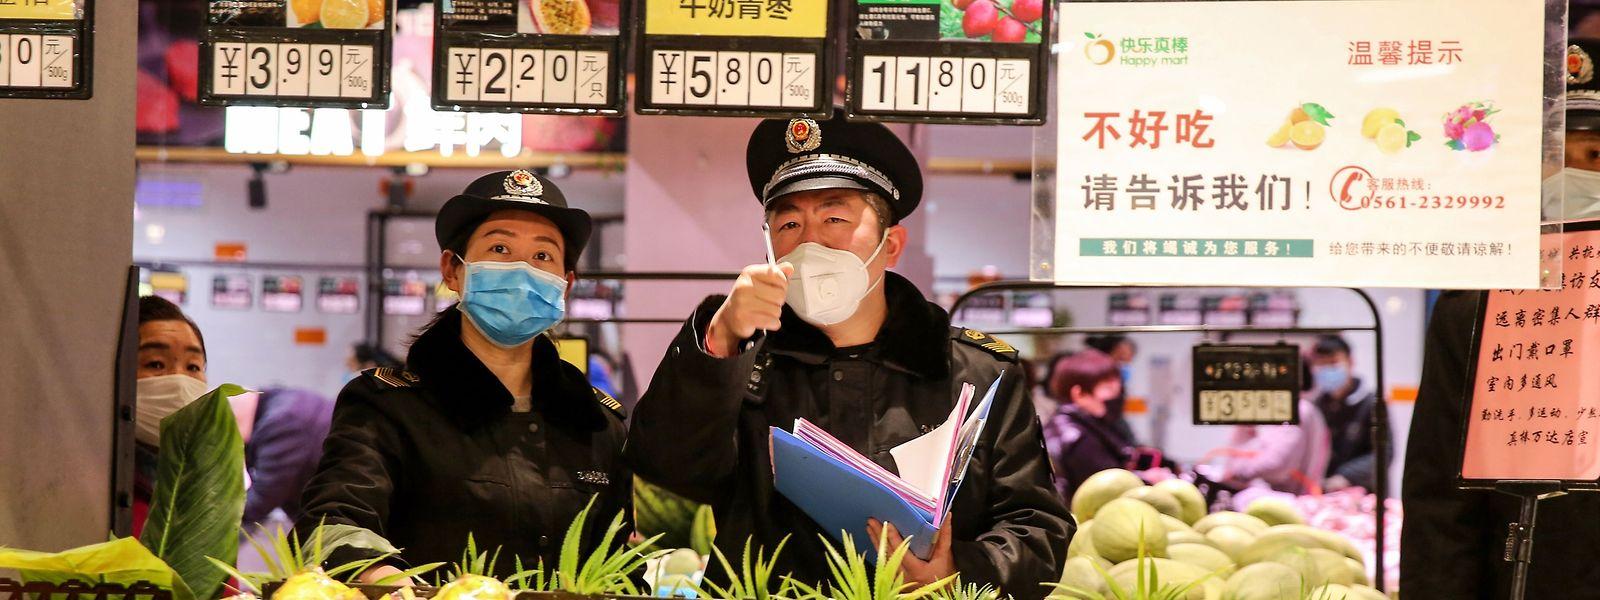 La Chine continentale annonce ce vendredi 118 morts supplémentaires durant les dernières 24 heures